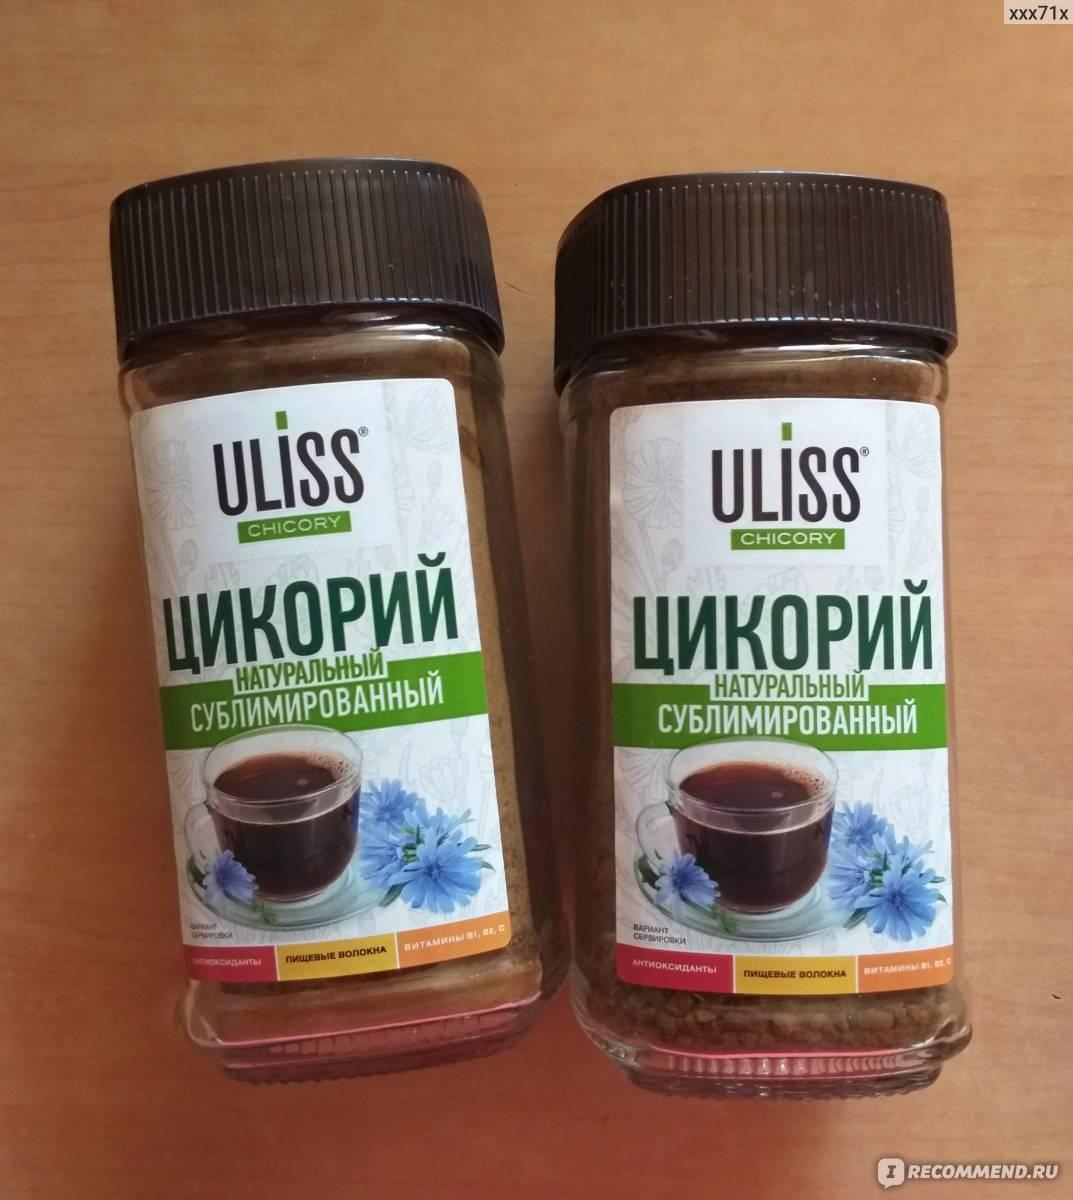 Цикорий как альтернатива кофе: польза и вред, рецепты приготовления